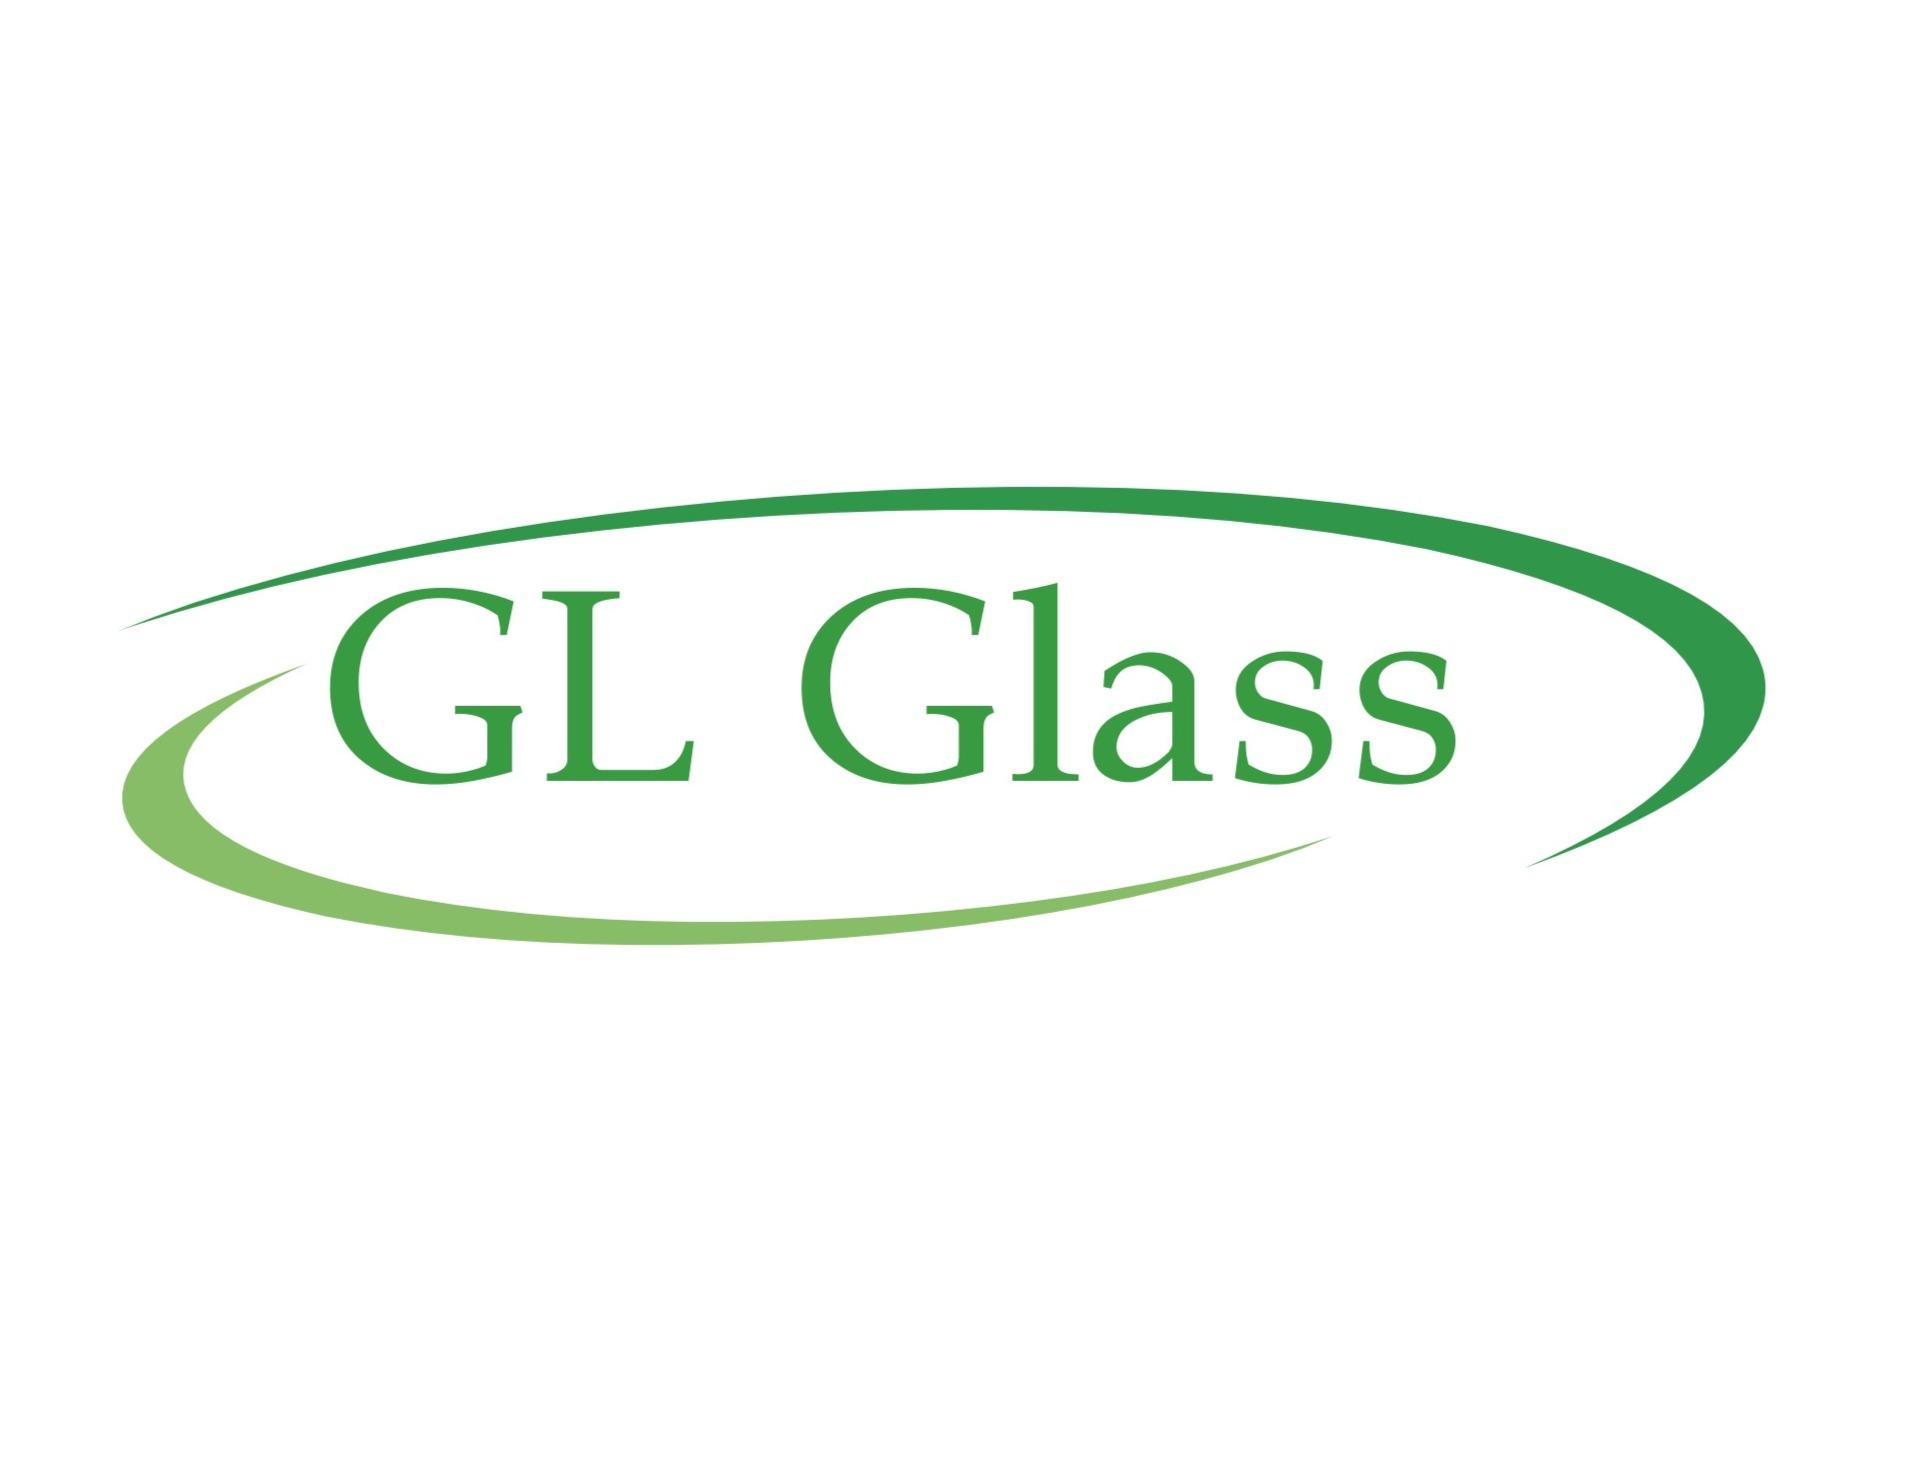 GL Glass LTD